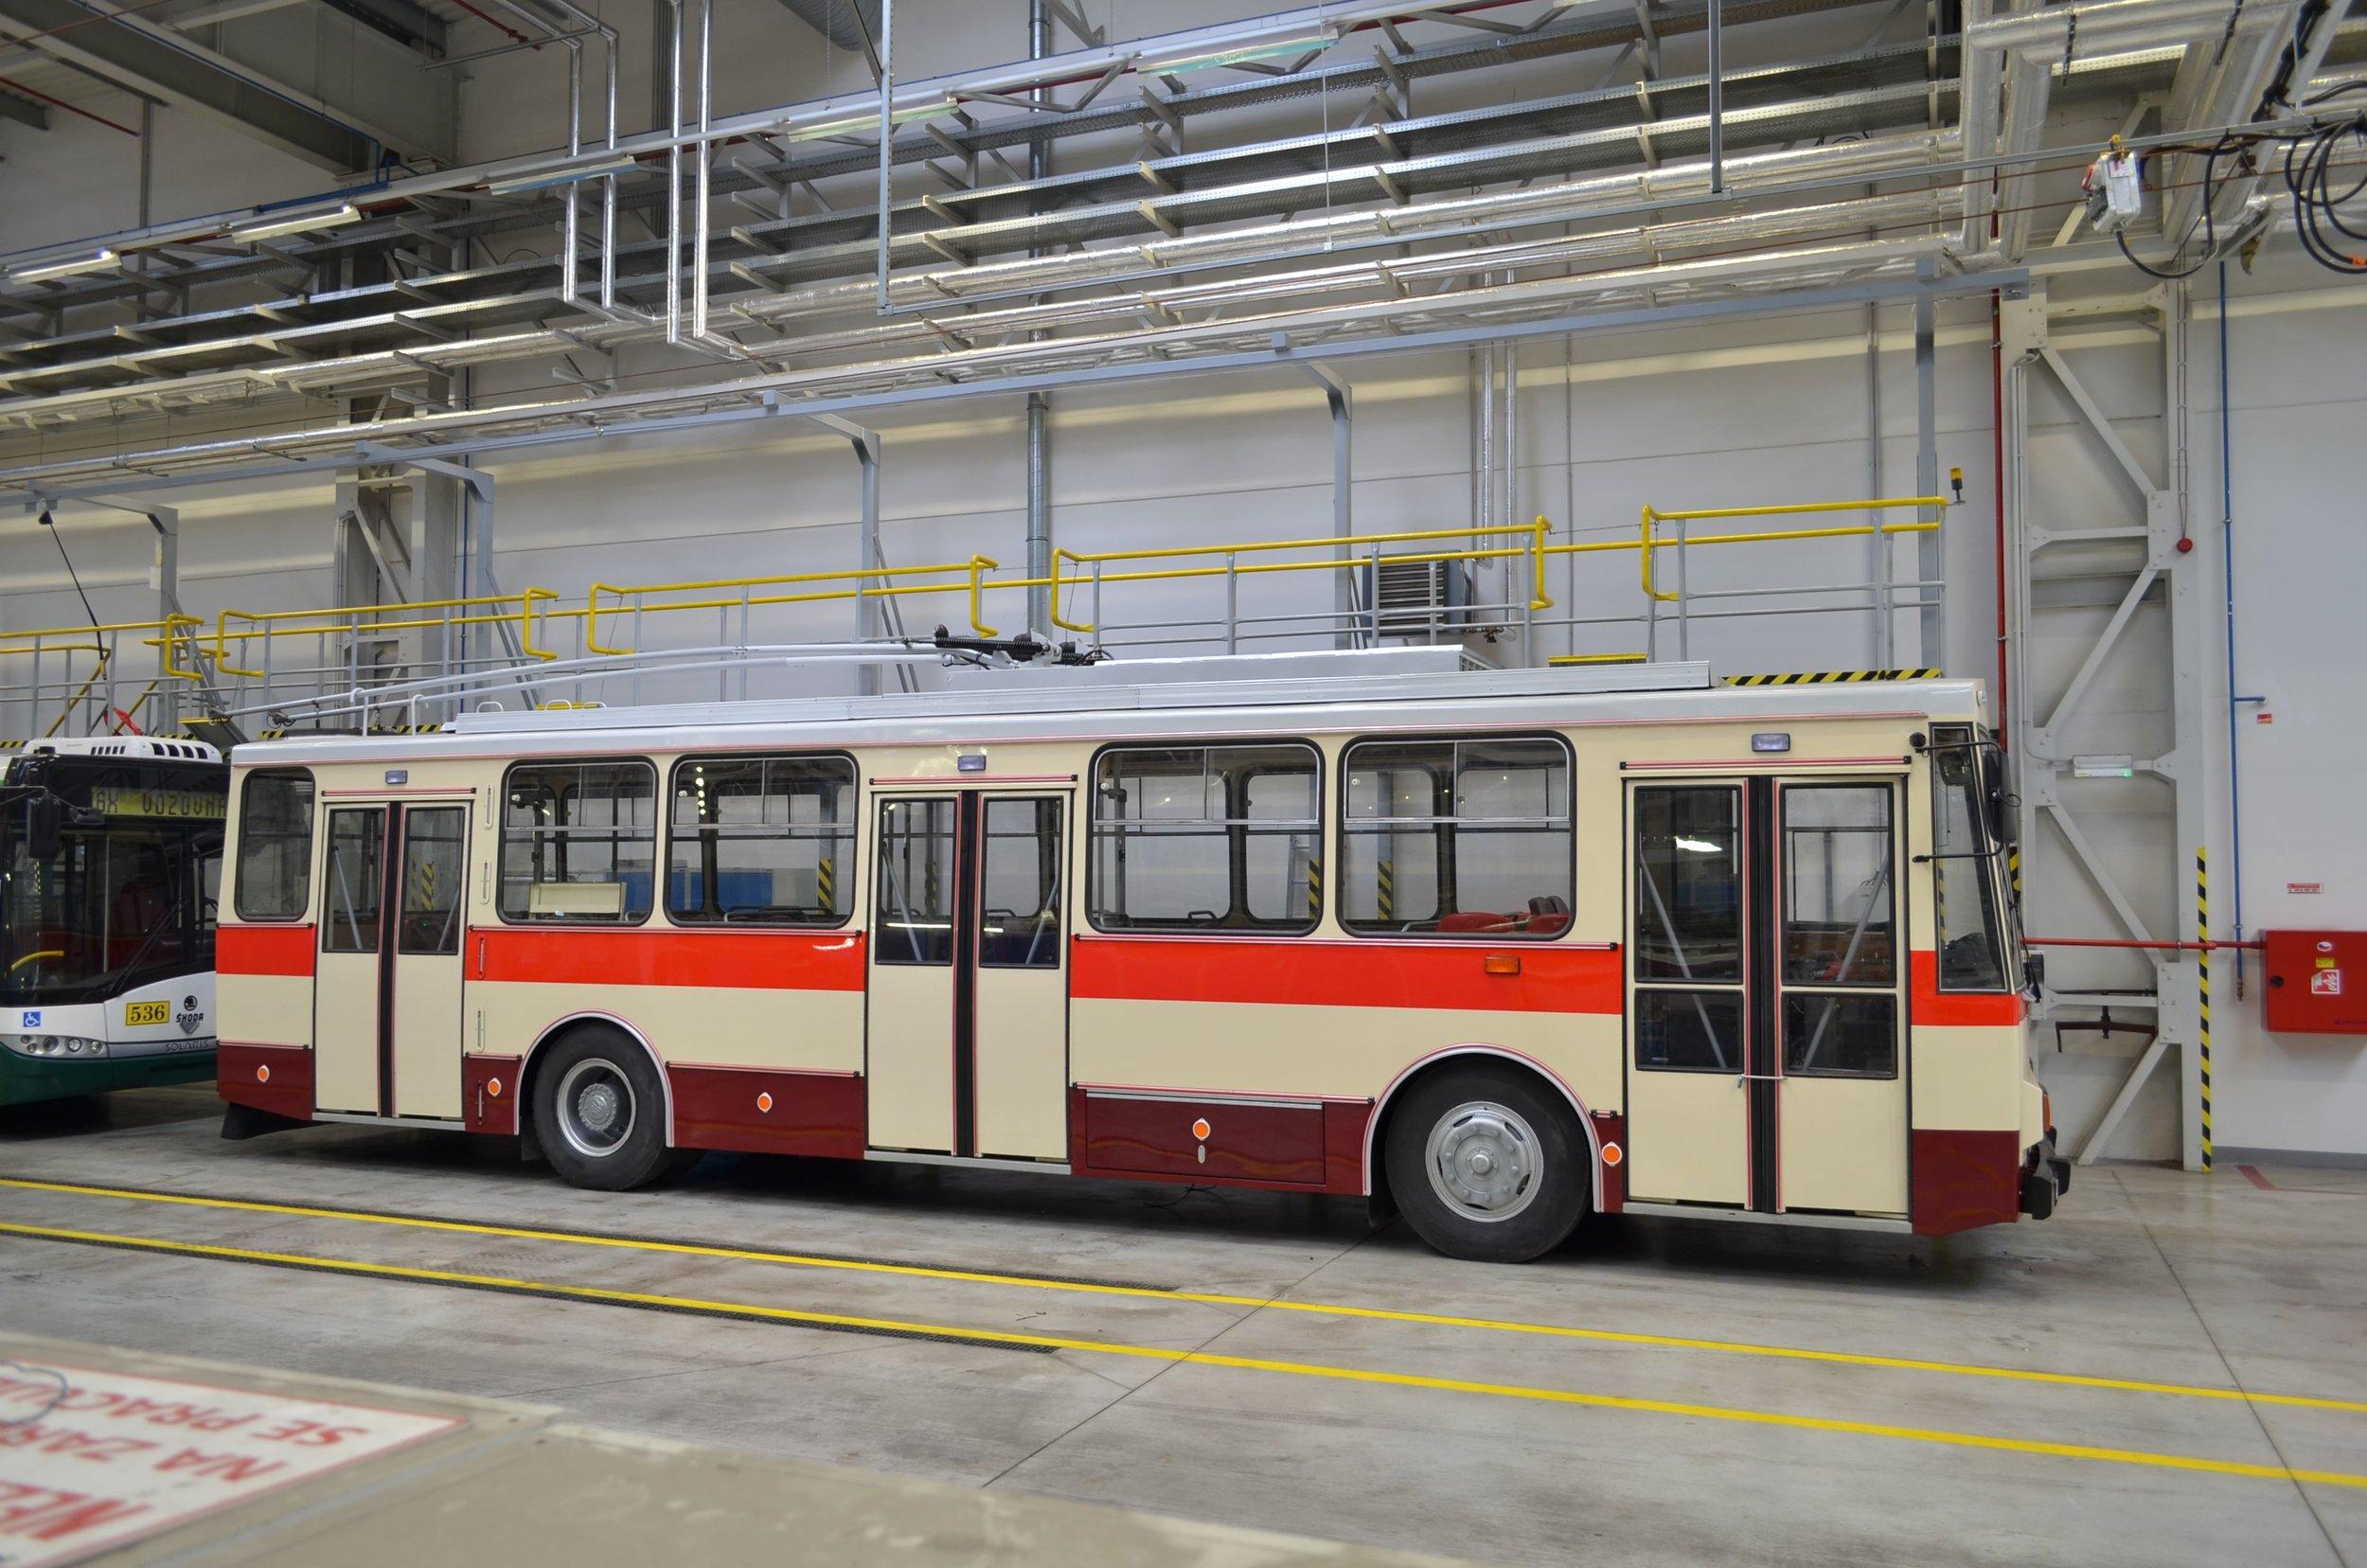 Nejnovější historický trolejbus ve sbírkách PMDP - vůz Škoda 14 Tr08/6 ev. č. 429 z roku 1989. (foto: PMDP)